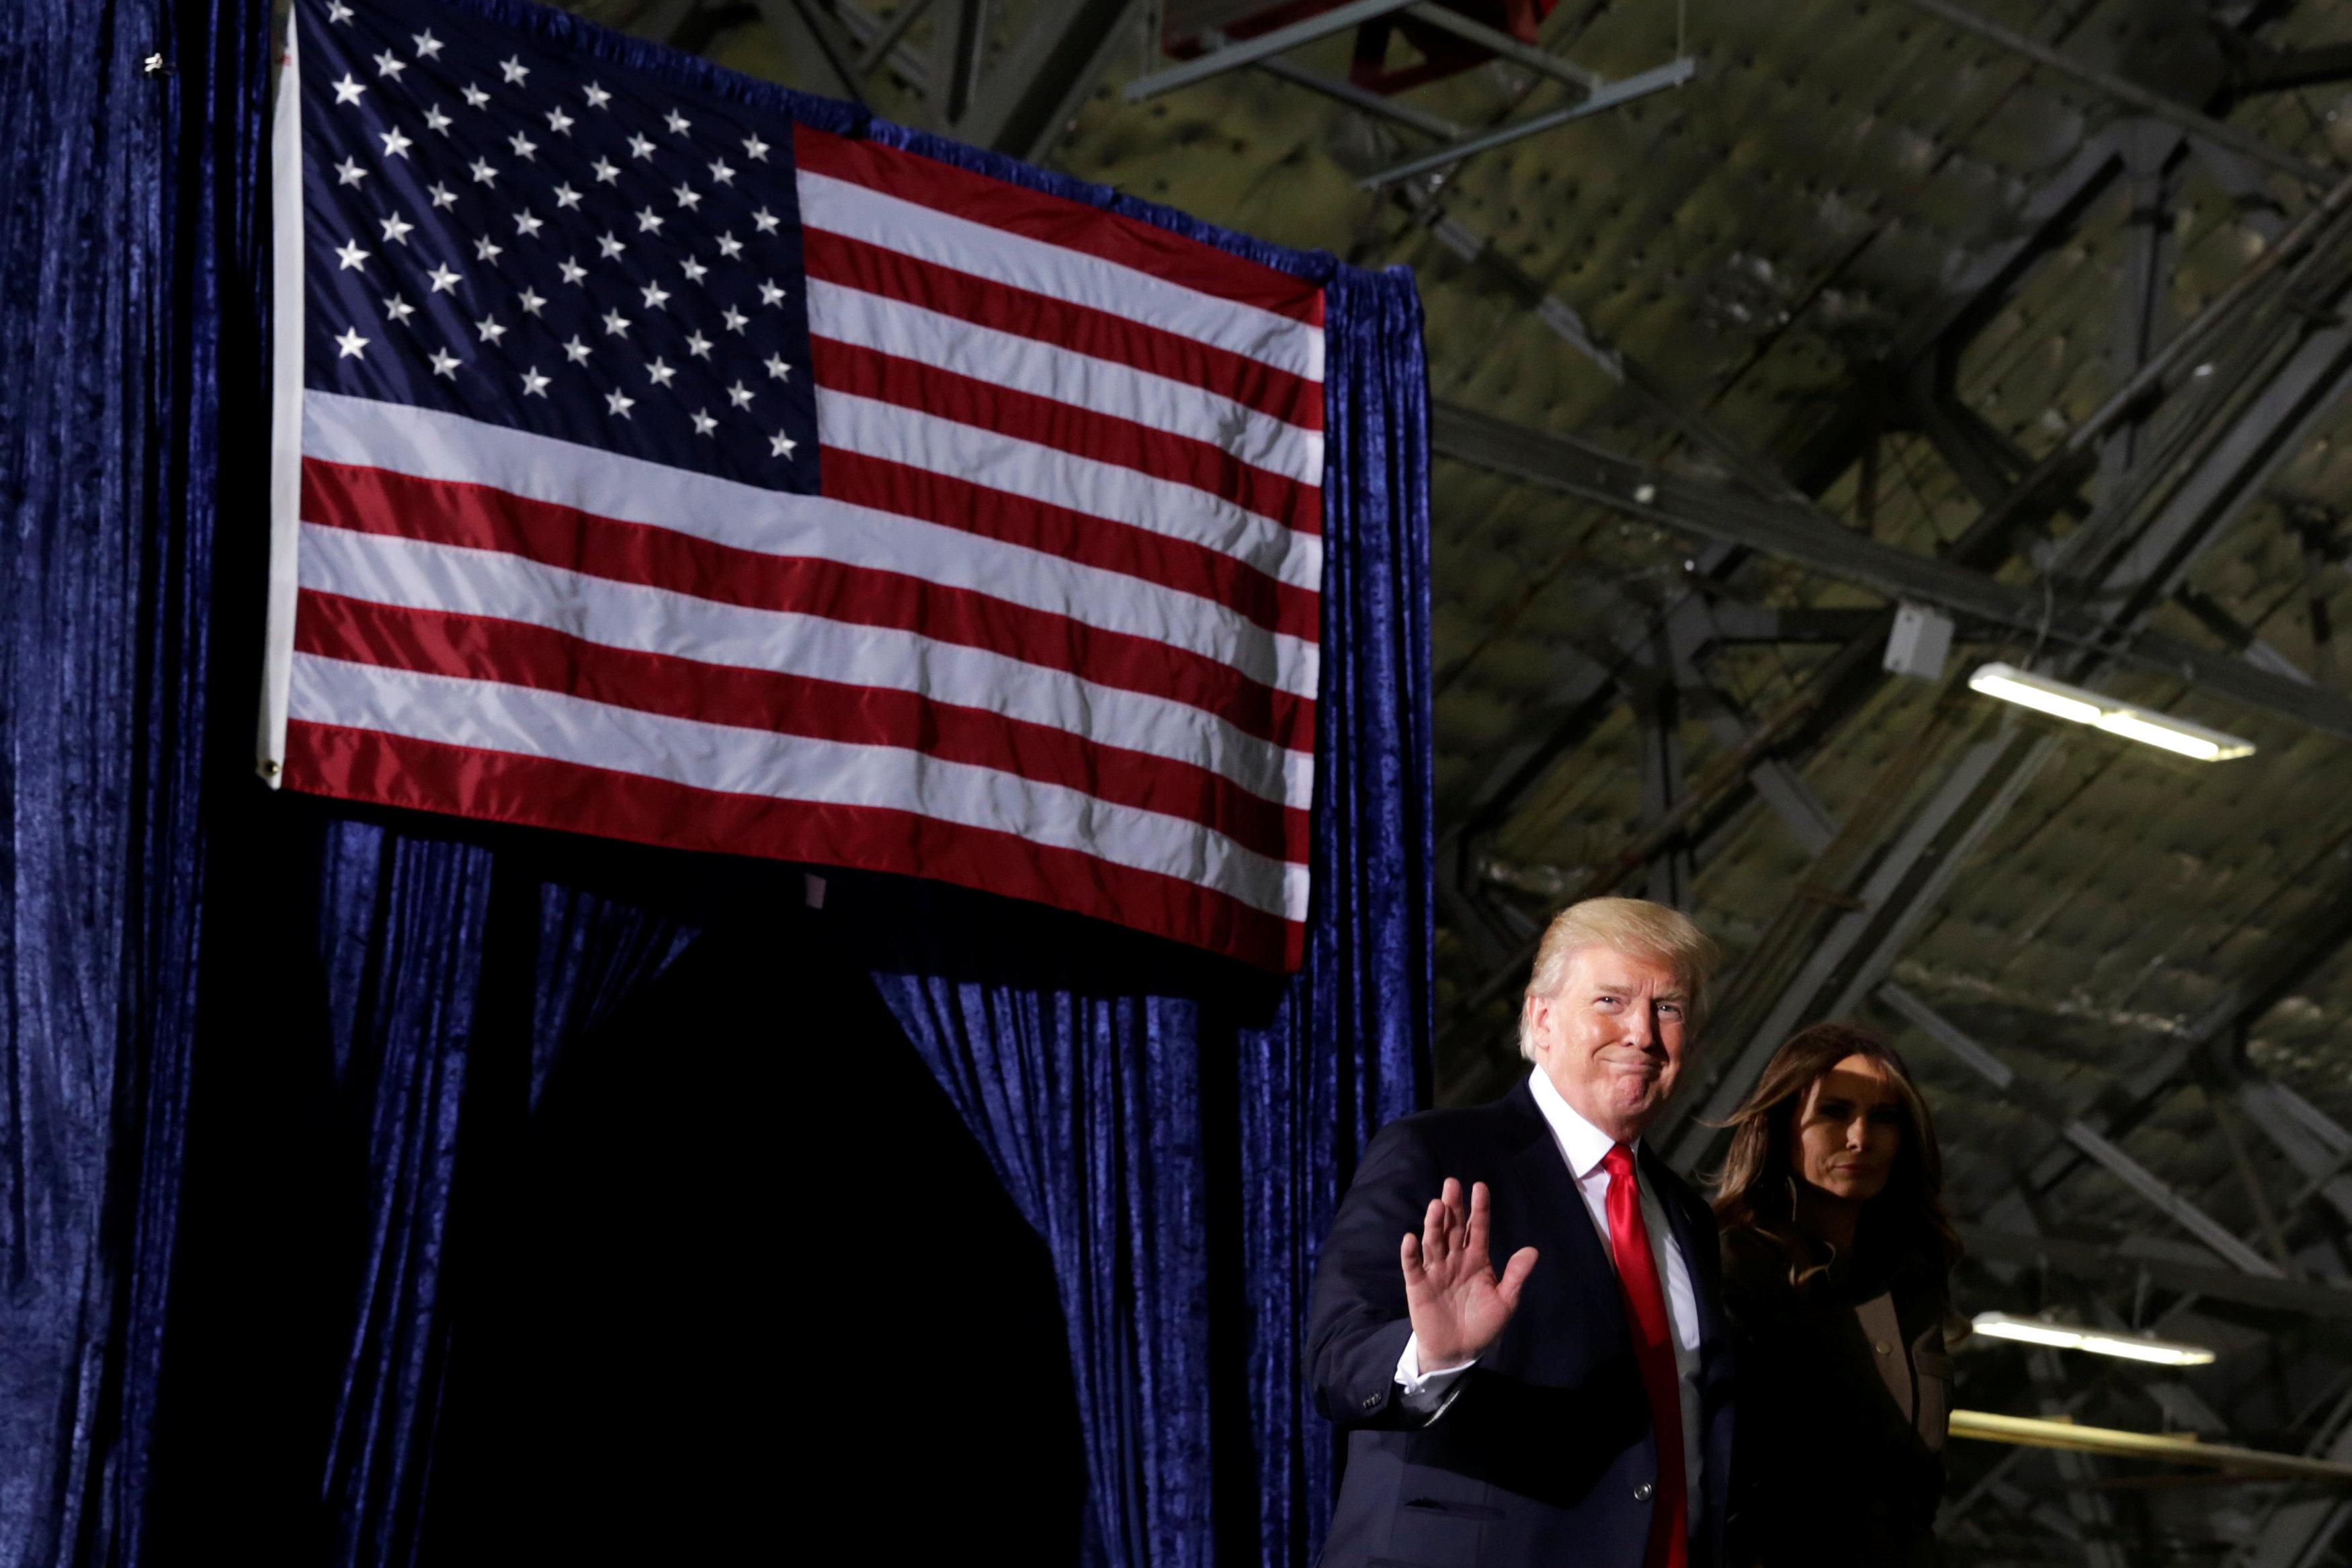 الرئيس الأمريكى دونالد ترامب برفقة زوجته